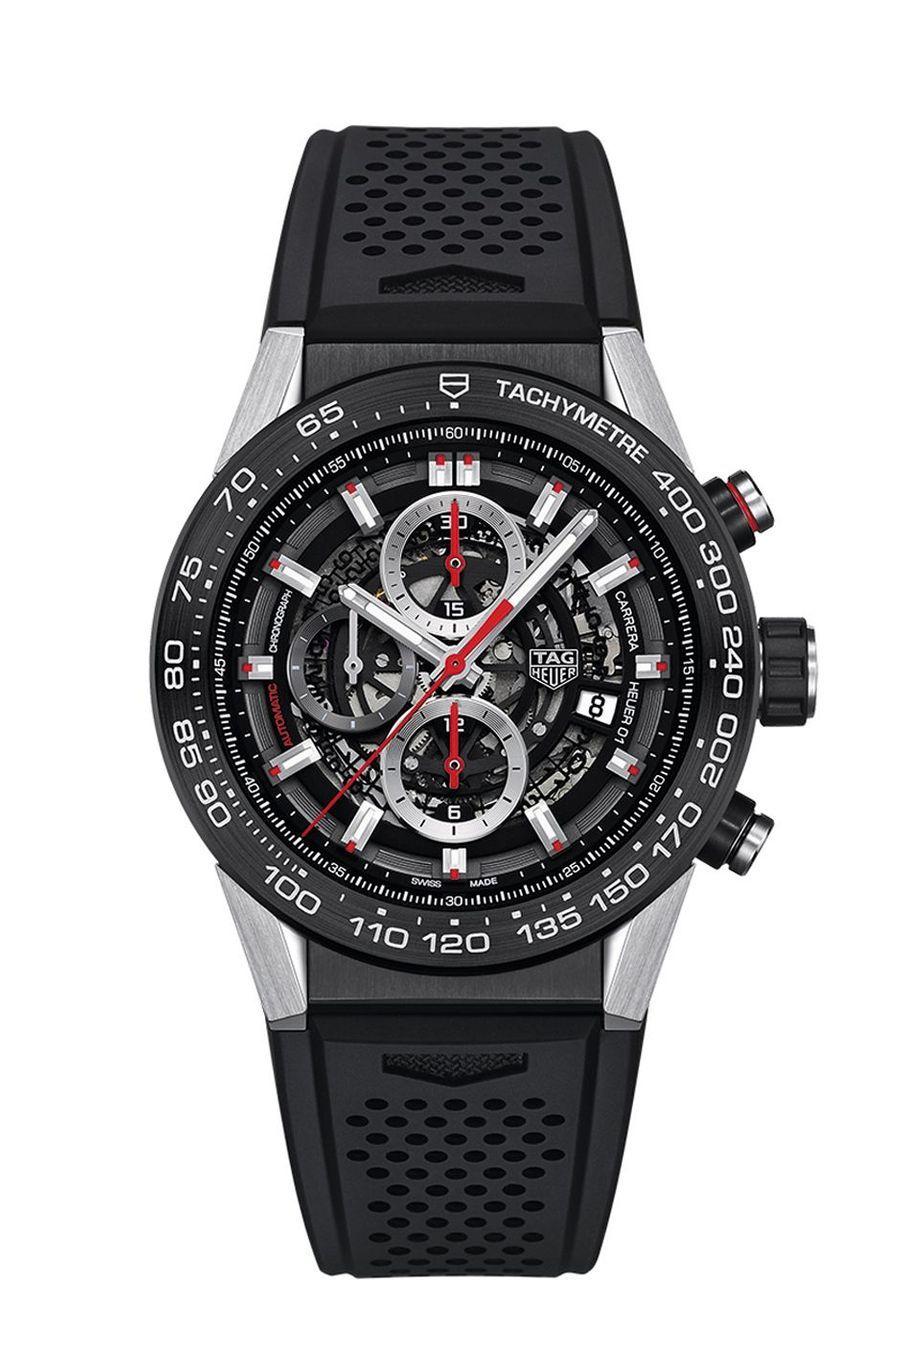 Chronographe Carrera, boîte en acier et carbure de titane, 45 mm de diamètre, bracelet en caoutchouc, mouvement automatique. TAG Heuer. 4 750 €.